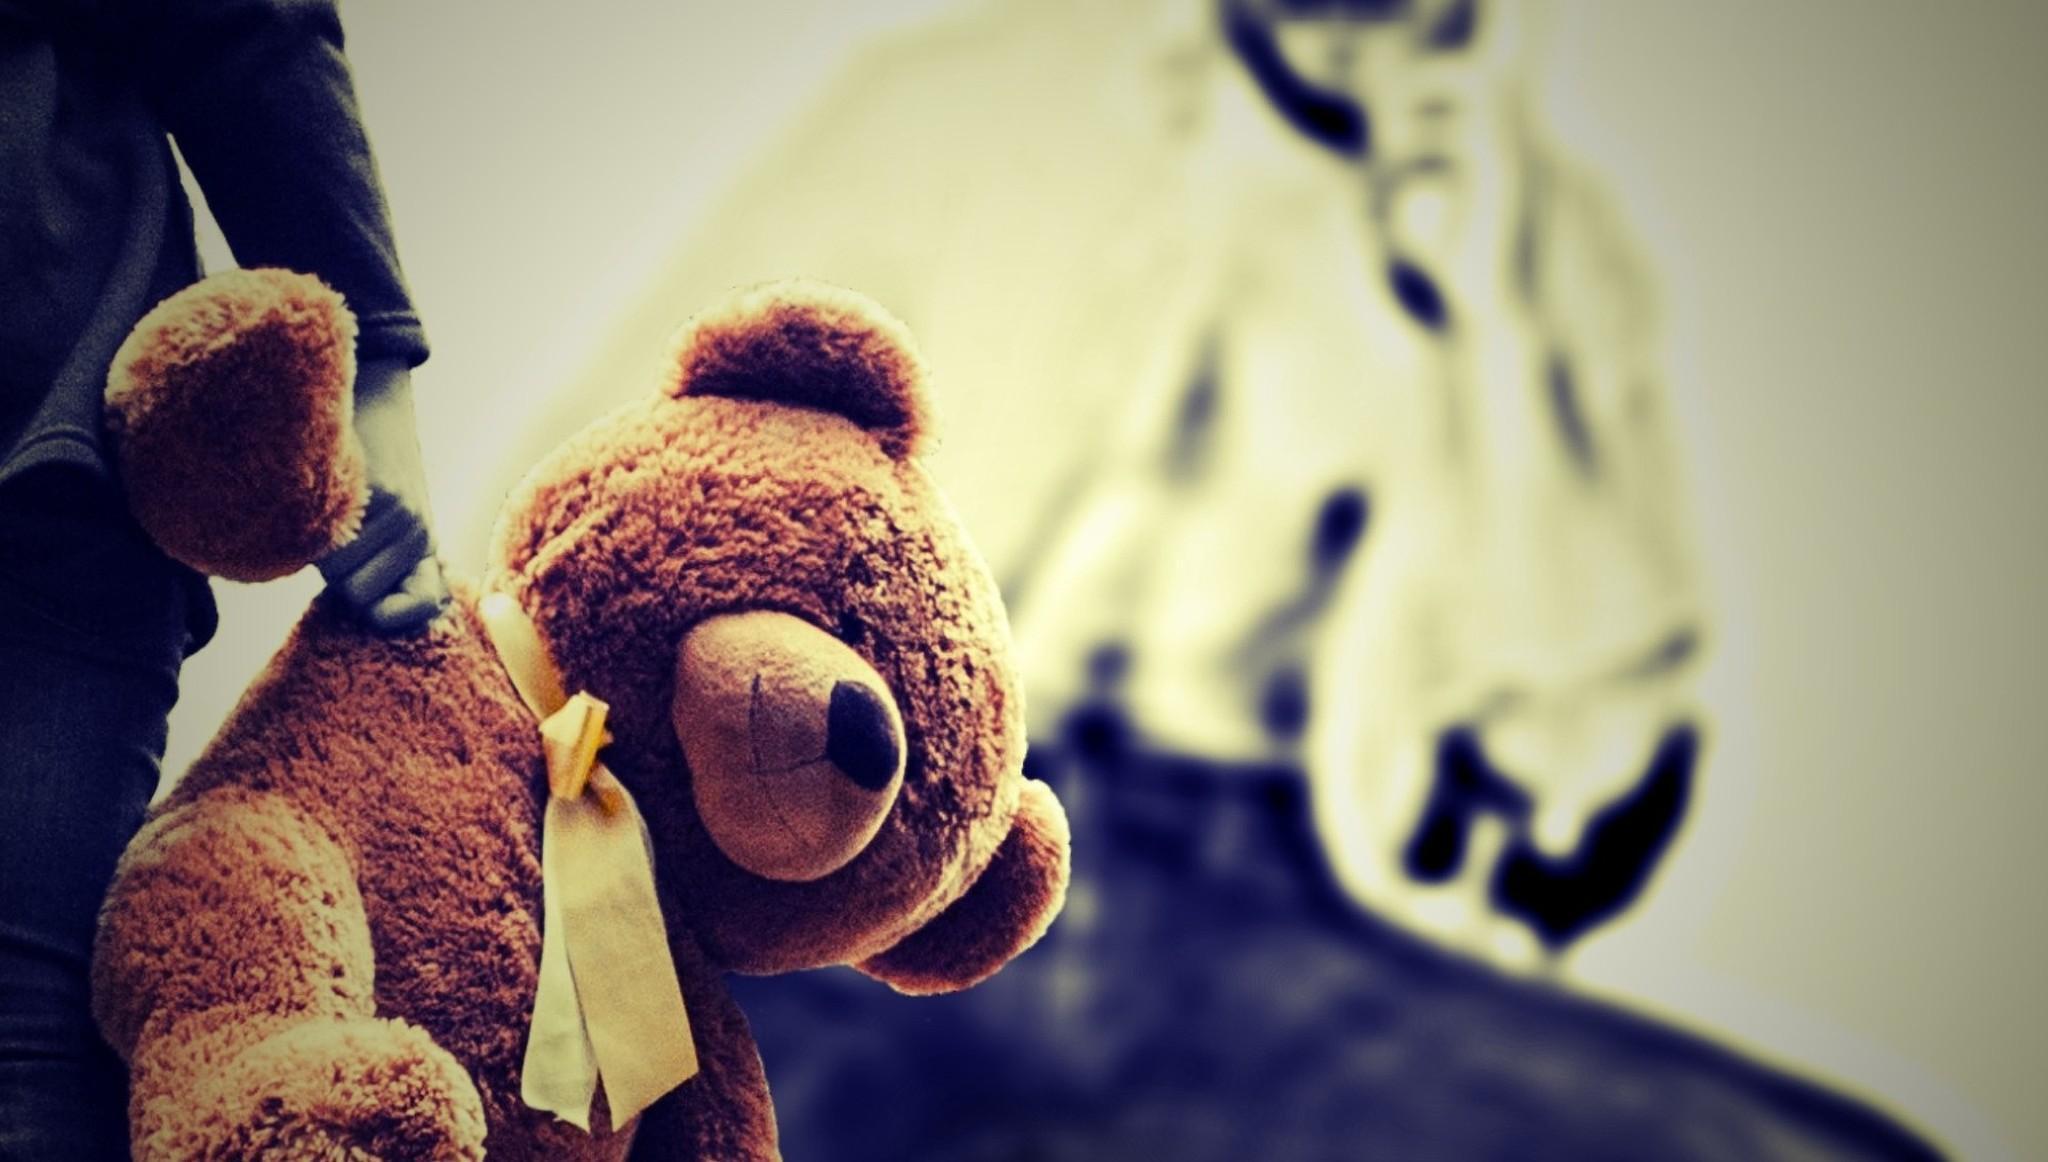 Педофил, надругавшийся над 7-летней девочкой в Твери, проведет за решеткой 20 лет и будет лечиться у психиатра - новости Афанасий